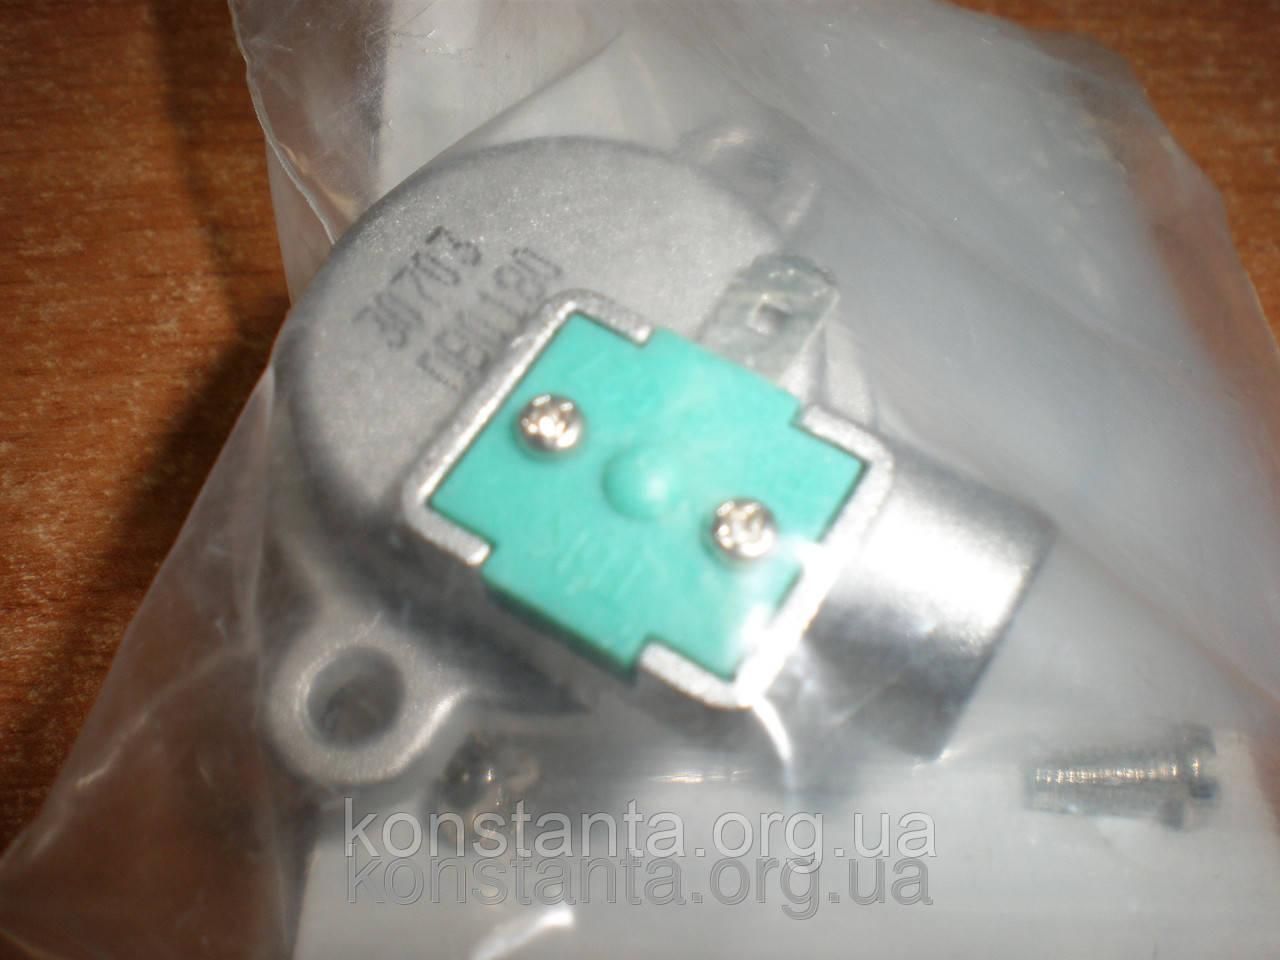 Сервопривод для Junkers WR275/350/400-3KDB - Интернет-магазин KONSTANTA в Харькове